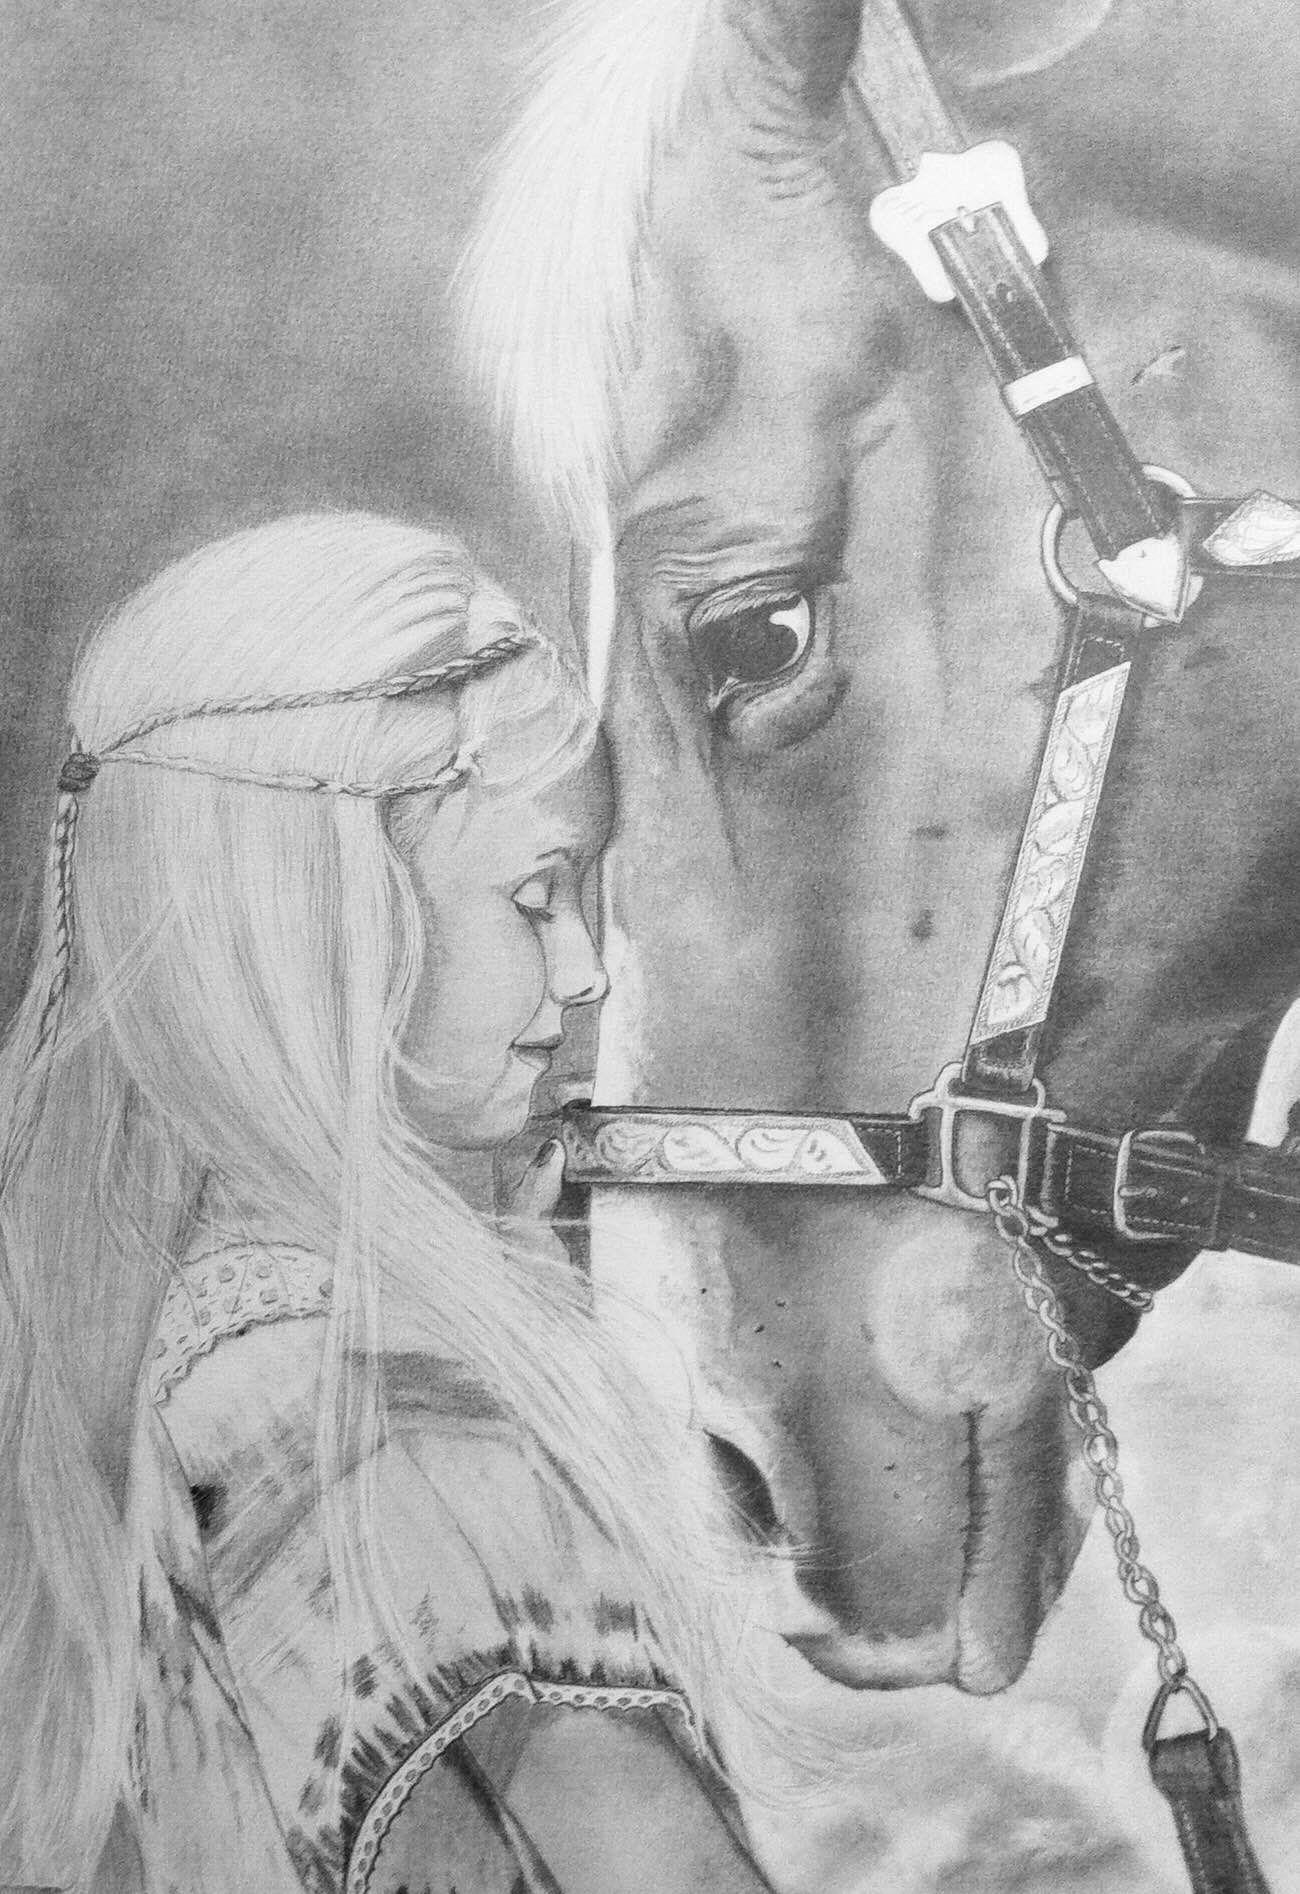 Madchen Mit Pferd Mit Bleistift Auf A3 Gezeichnet Drawing Of A Girl